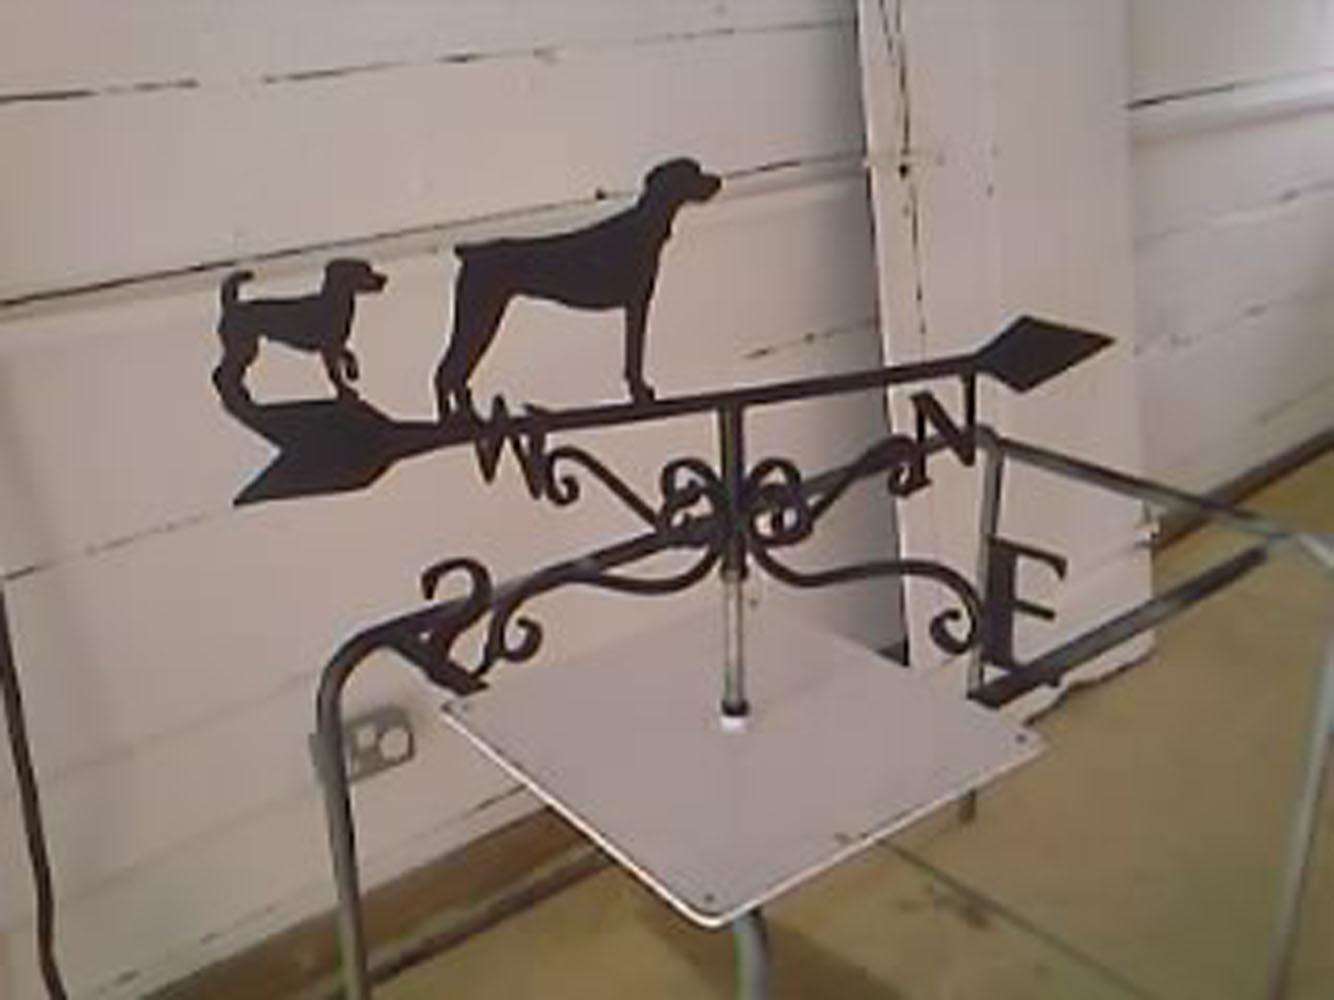 \'Dogs\' weathervane